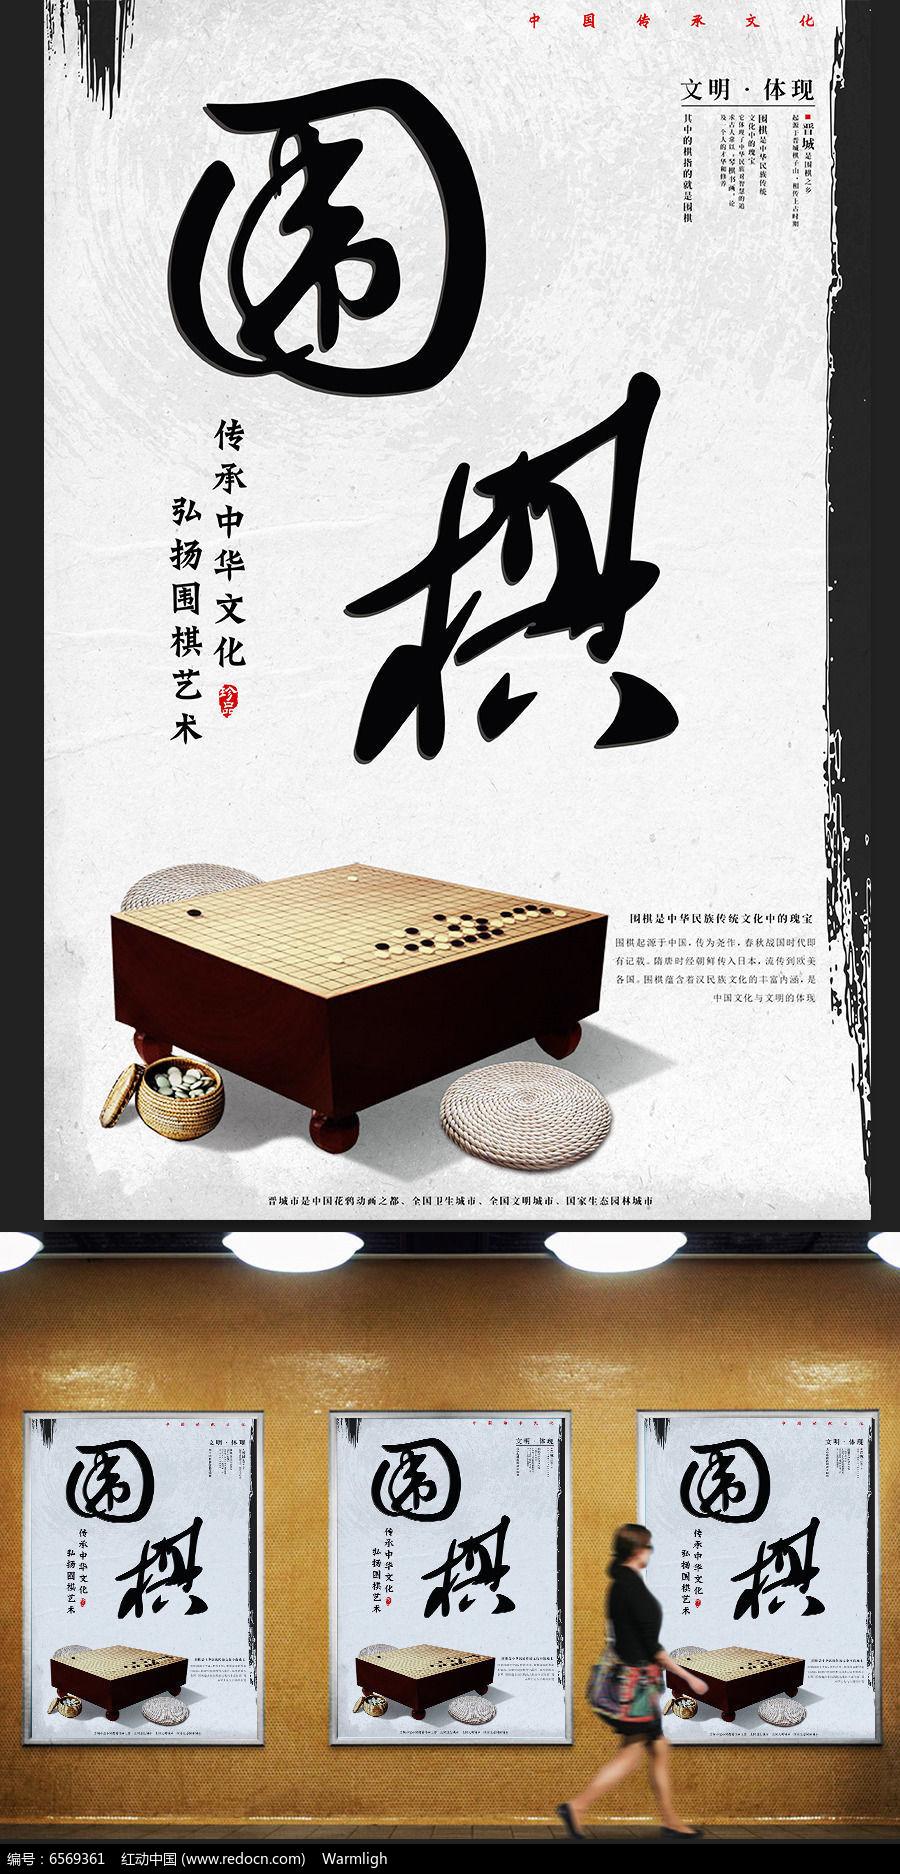 中国传统水墨风围棋海报设计PSD图片